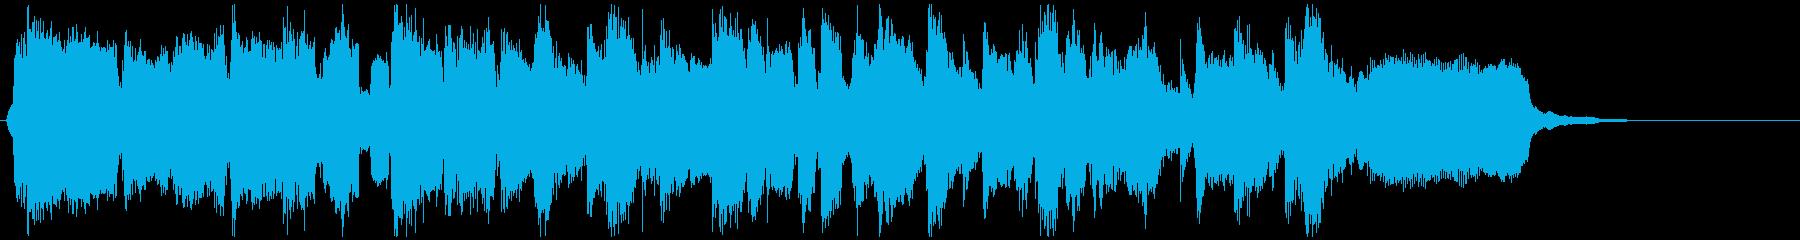 明るいジャズクラリネットの15秒ジングルの再生済みの波形